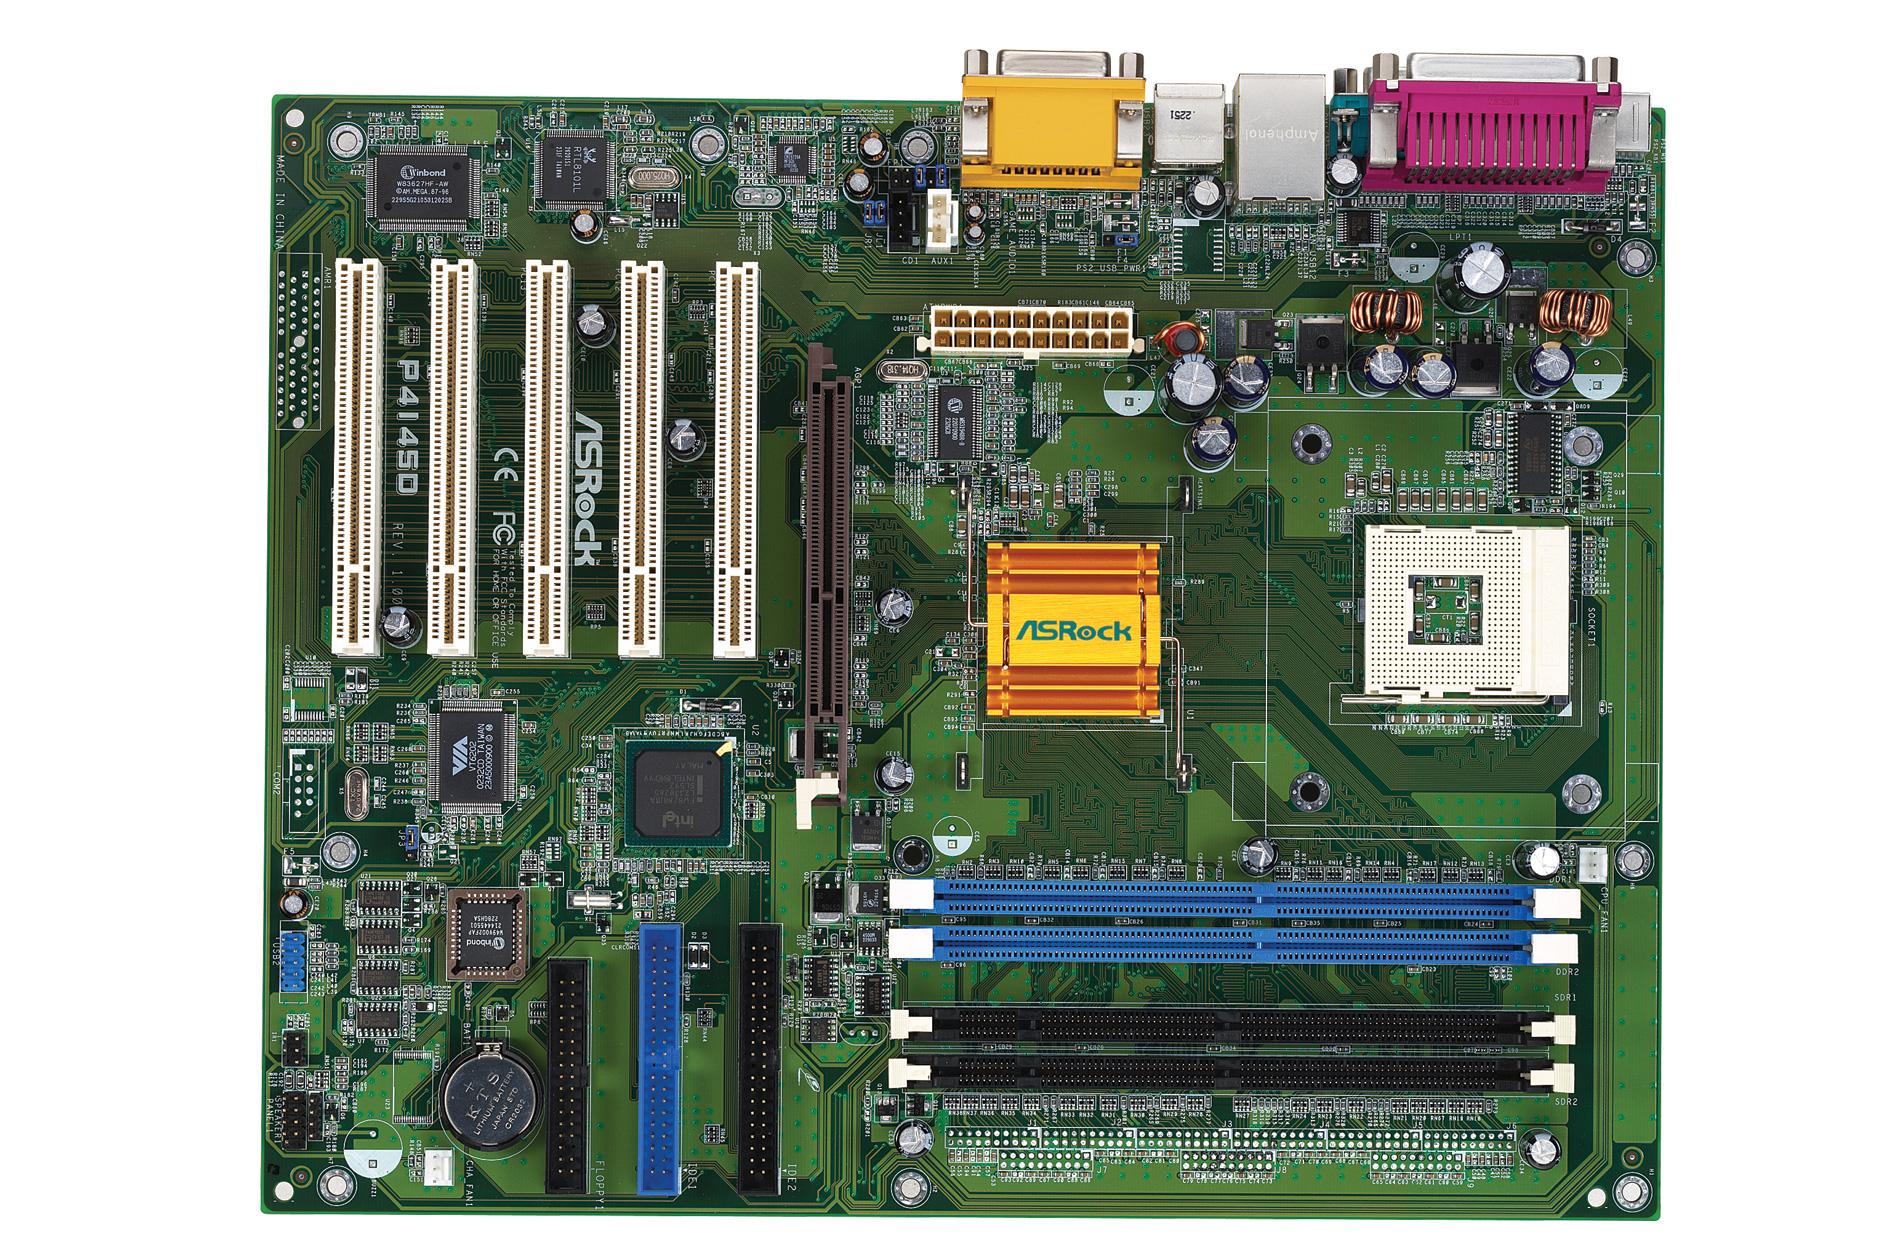 时下,英特尔的超线程技术已成为了业界讨论最热门的话题,但很多时候大家听到看到的只是文字叙述,真正的超线程技术产品市场上还很难找到。最近,华硕子公司华擎推出了一款支持超线程技术的845D主板(i845D B-Step架构芯片组):P4I45D。除了支持超线程技术以外,主板的其他规格也十分让人称奇。 P4I45D除了配备了2个184针的DDR SDRAM插槽以外,还配备了2个168针的SDR SDRAM插槽,可同时支持DDR和SDR内存,如此的规格在英特尔架构主板历史上可能好象还是第一次出现。其次,华擎还宣